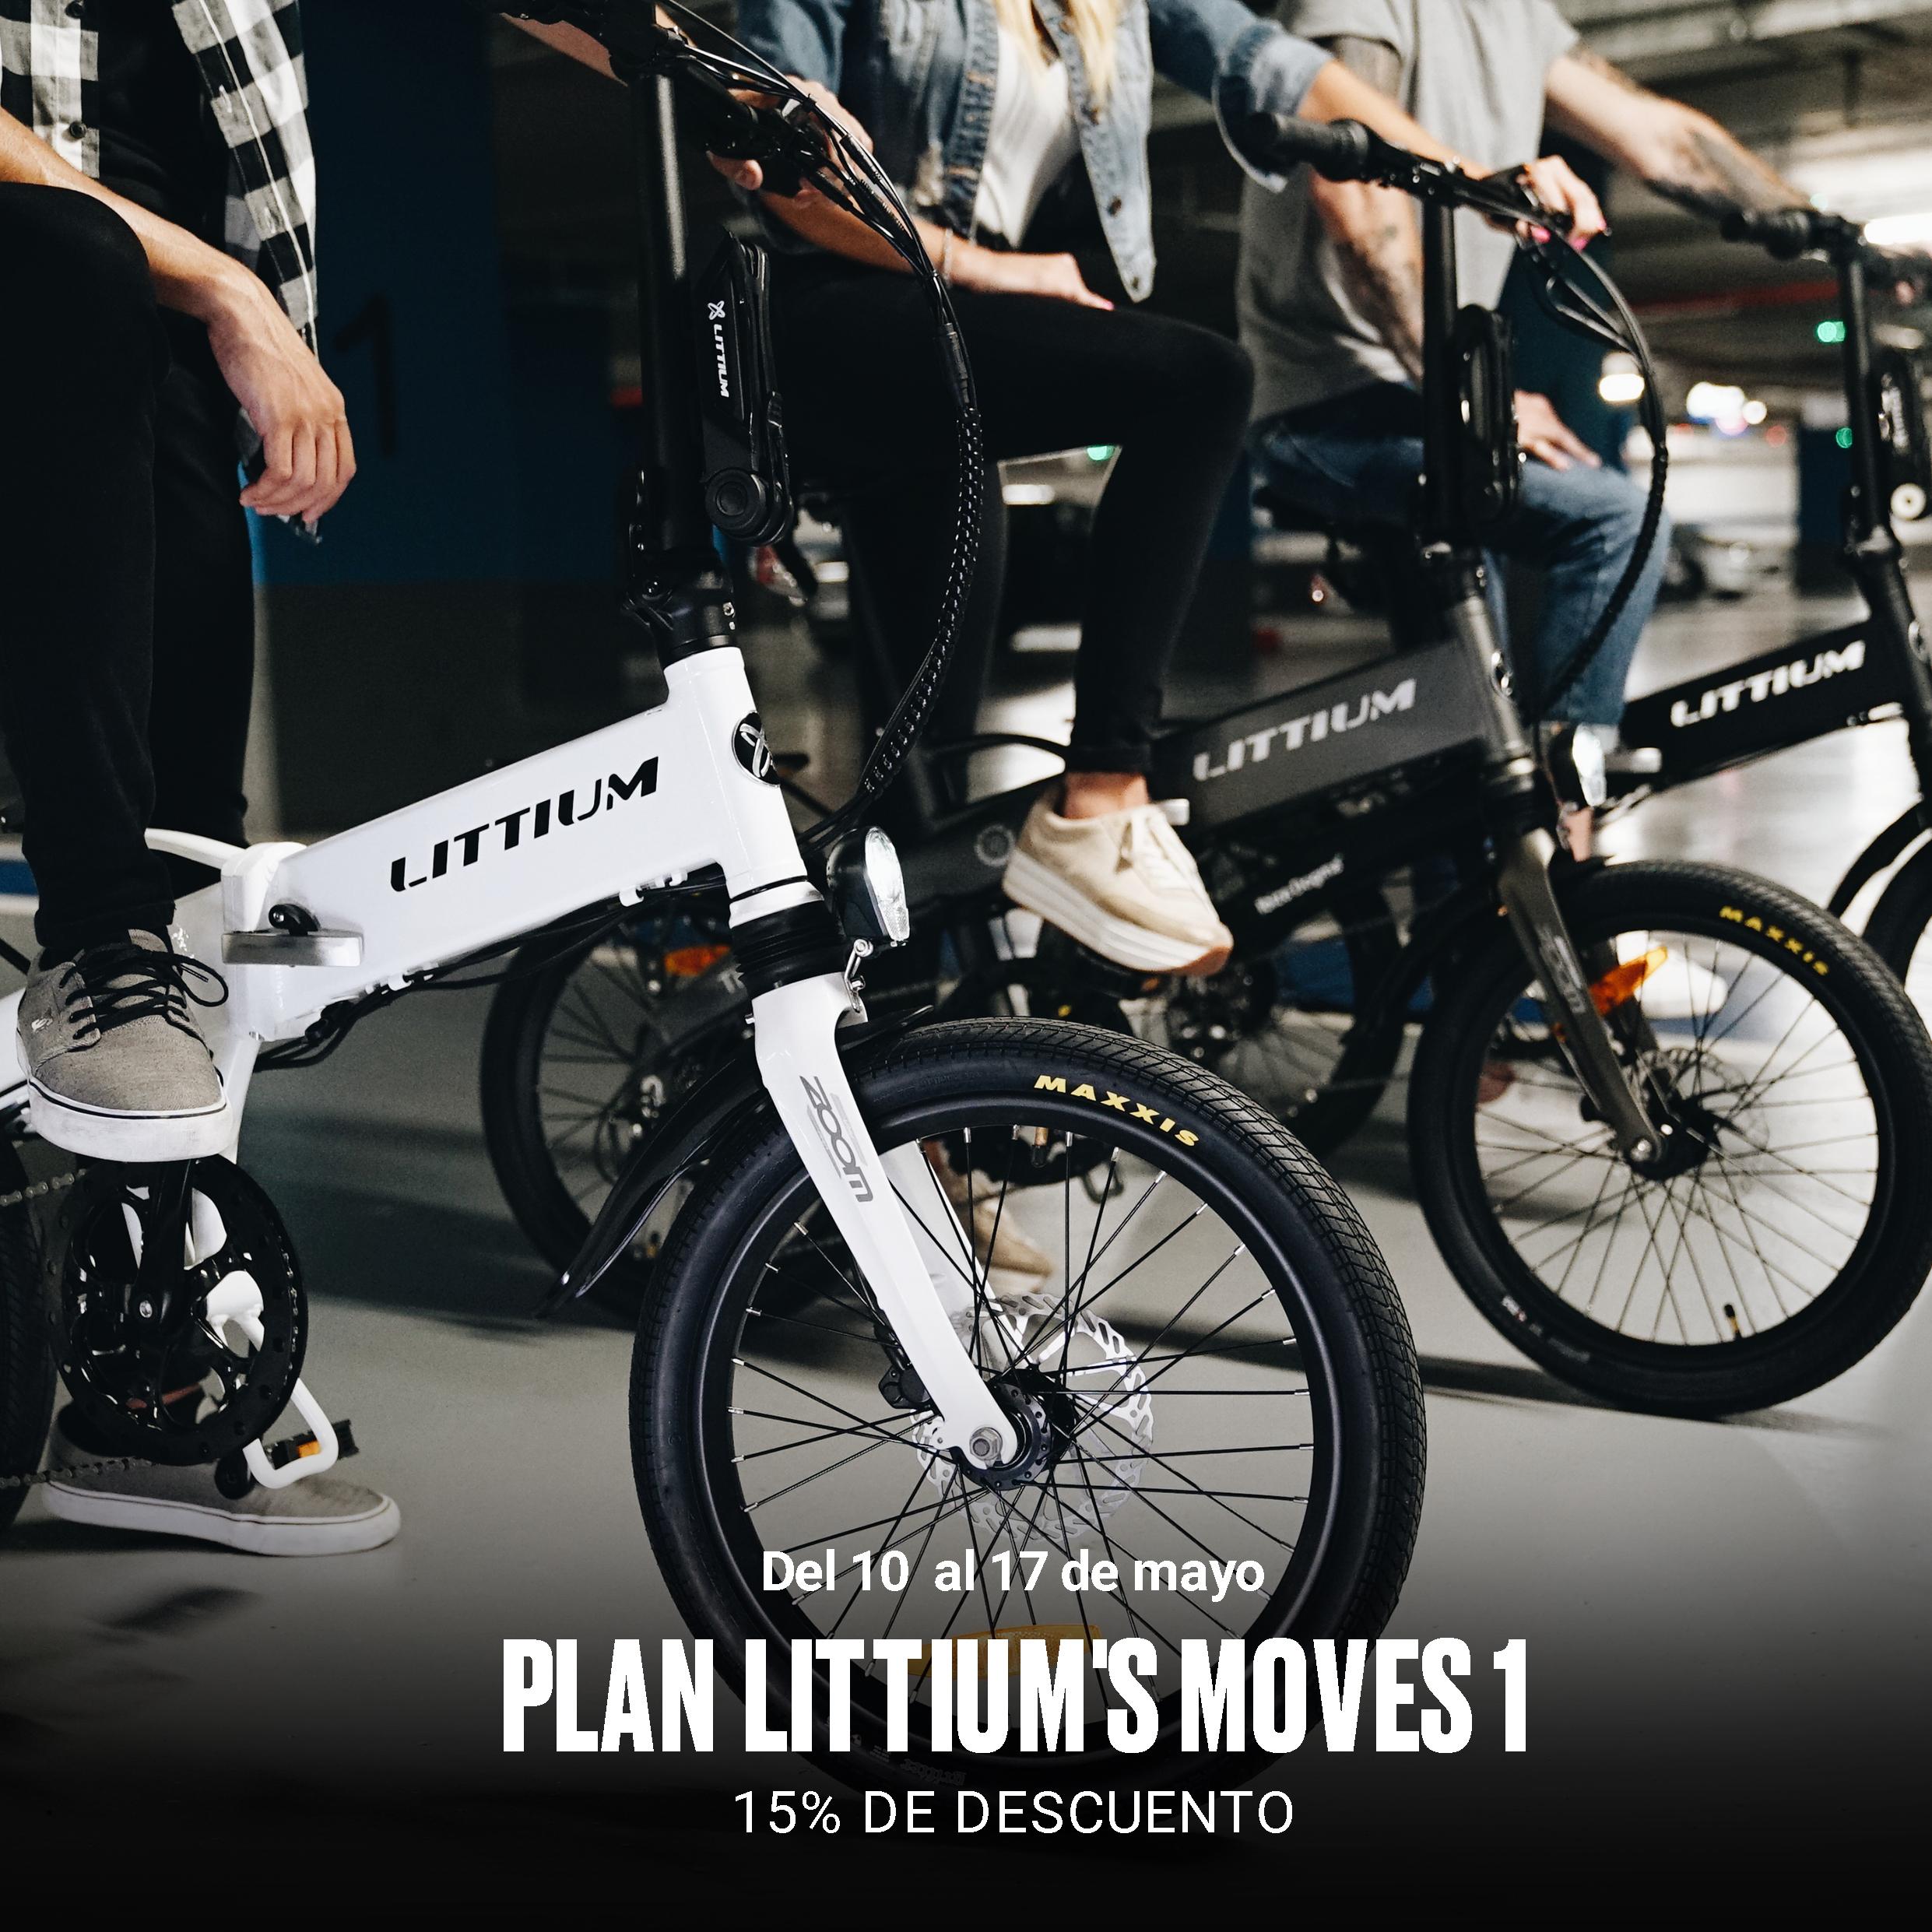 Littium rebaja el precio de sus bicicletas un 15% durante una semana